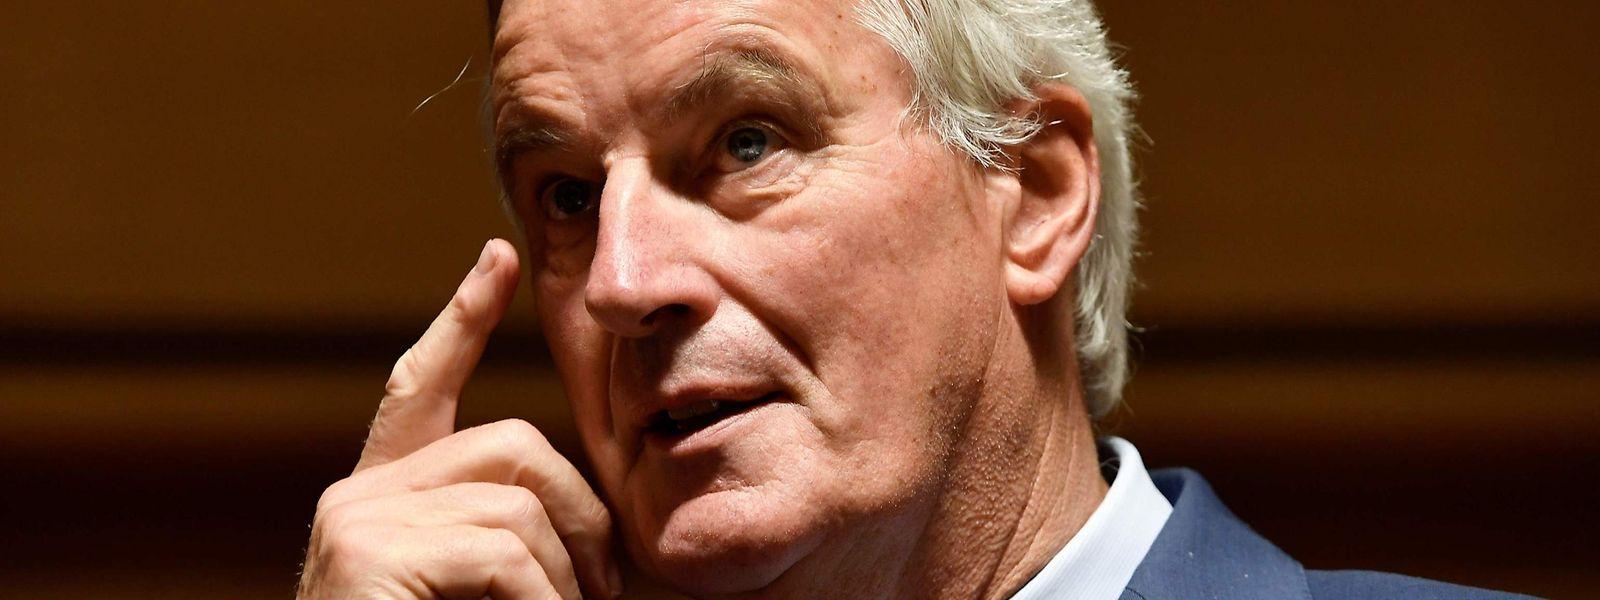 Michel Barnier informera ce mardi les ministres des Affaires européennes des avancées des négociations.